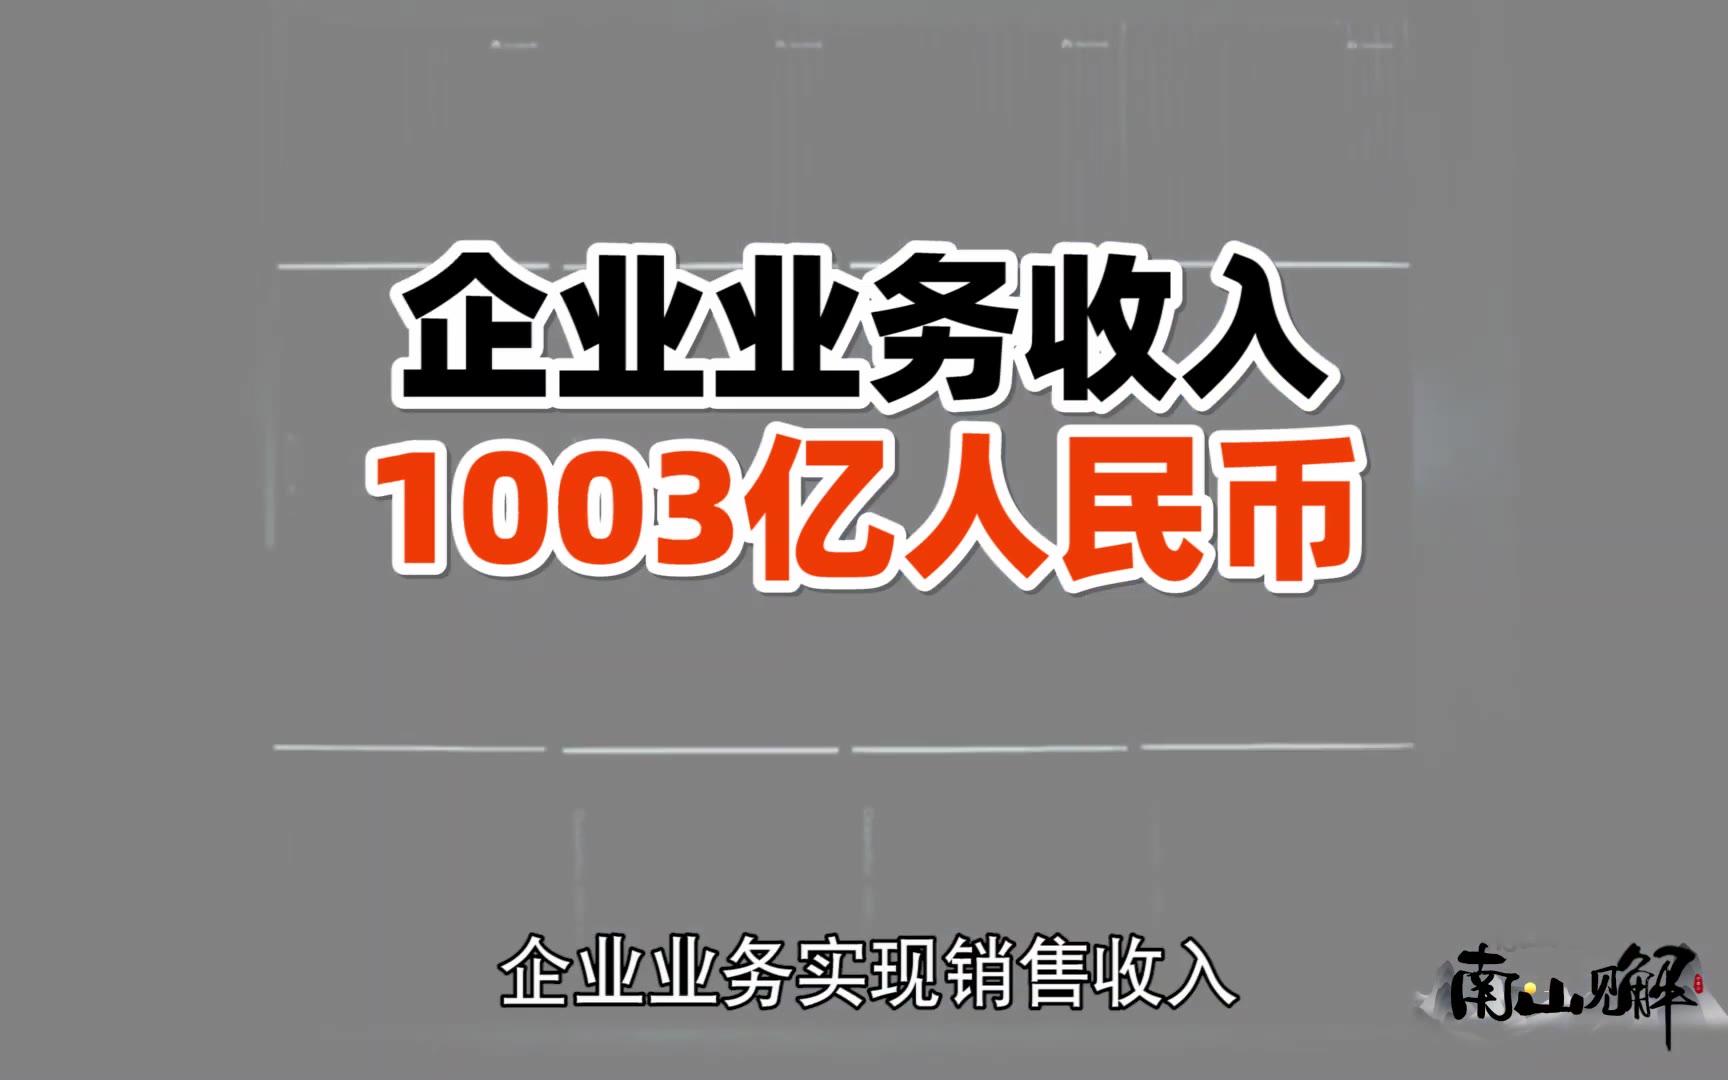 宁南山:芯片断供八个月,华为年收入依旧增长,怎么做到的?